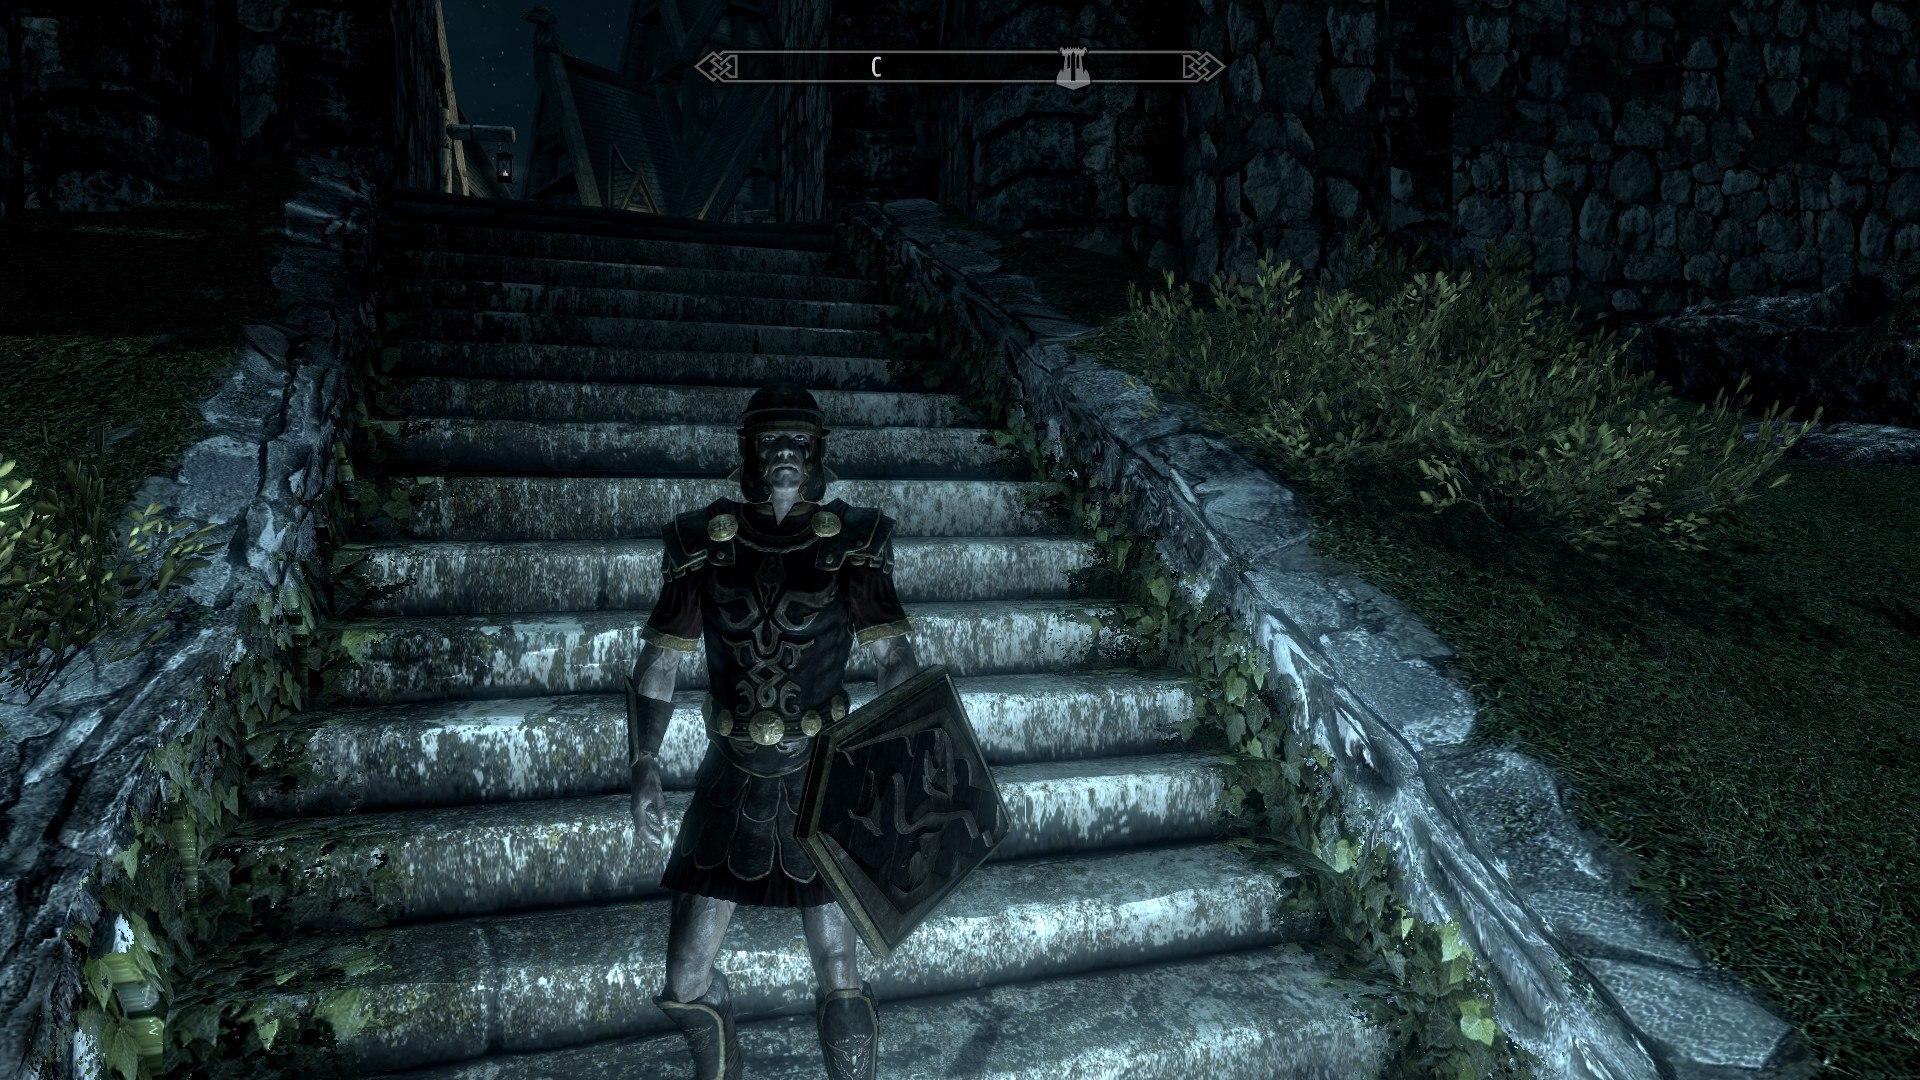 Вульфгарт - Elder Scrolls 5: Skyrim, the mycharacter